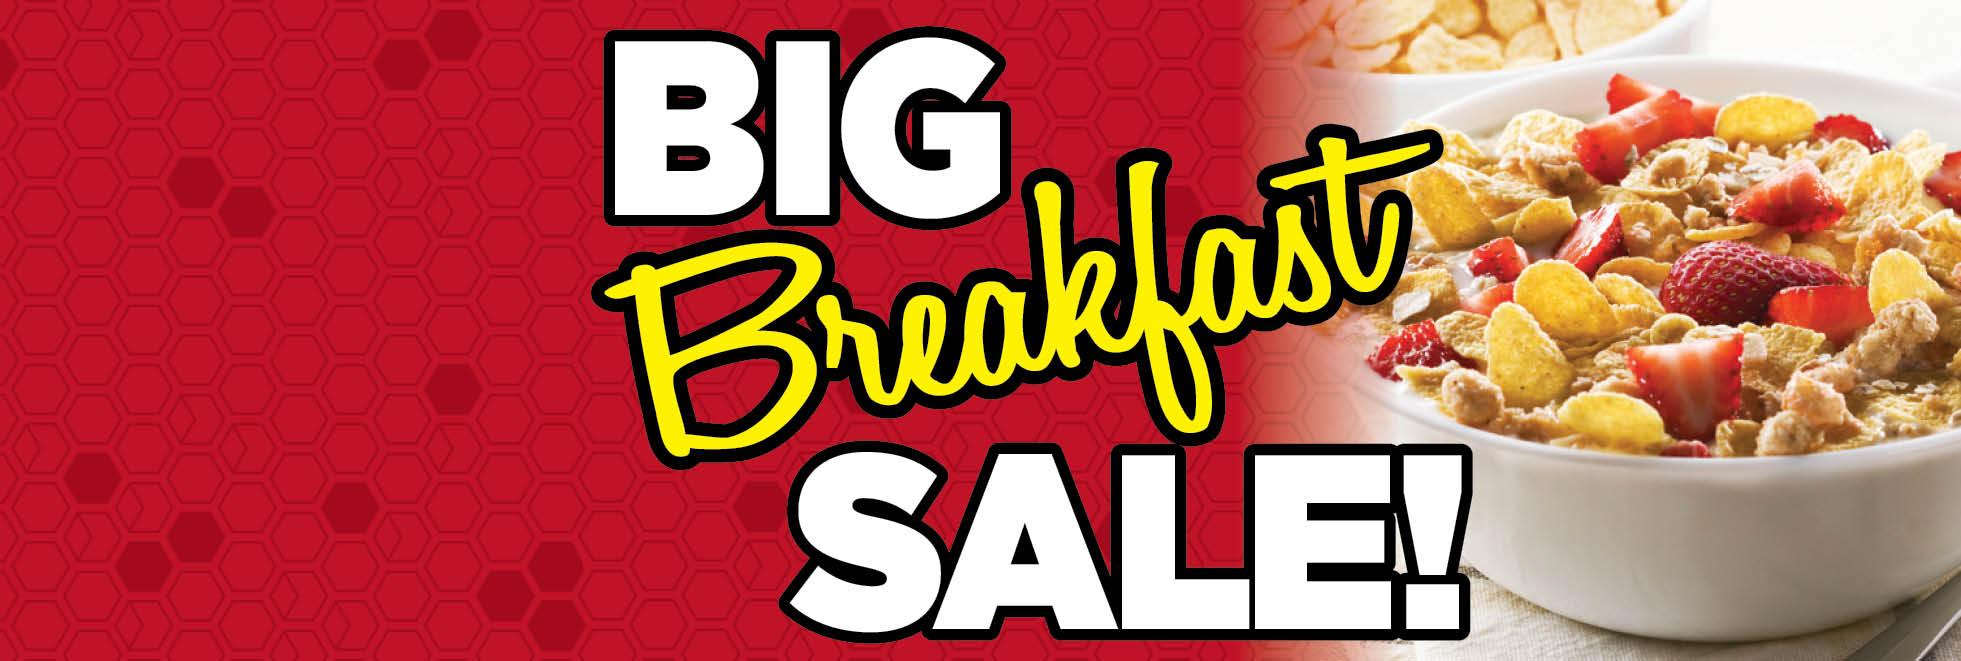 Breakfast Sale